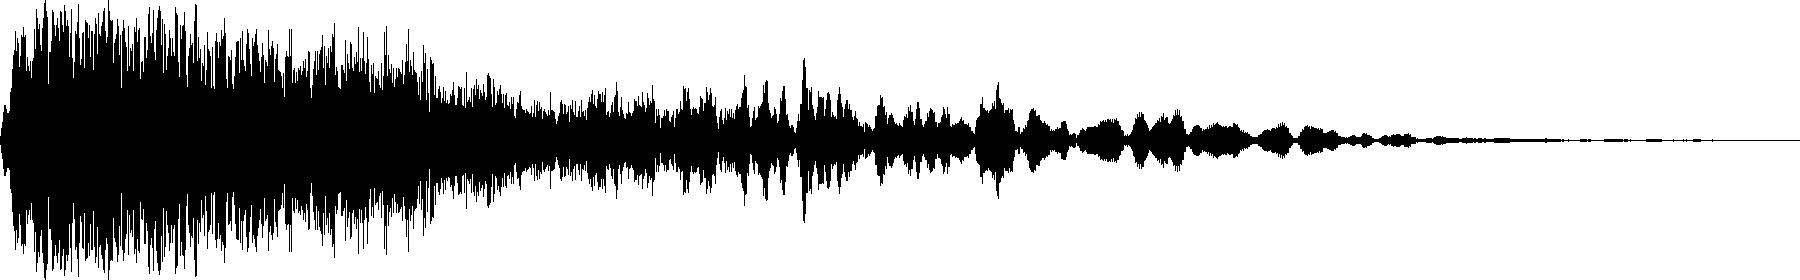 vfx1 atmos 11